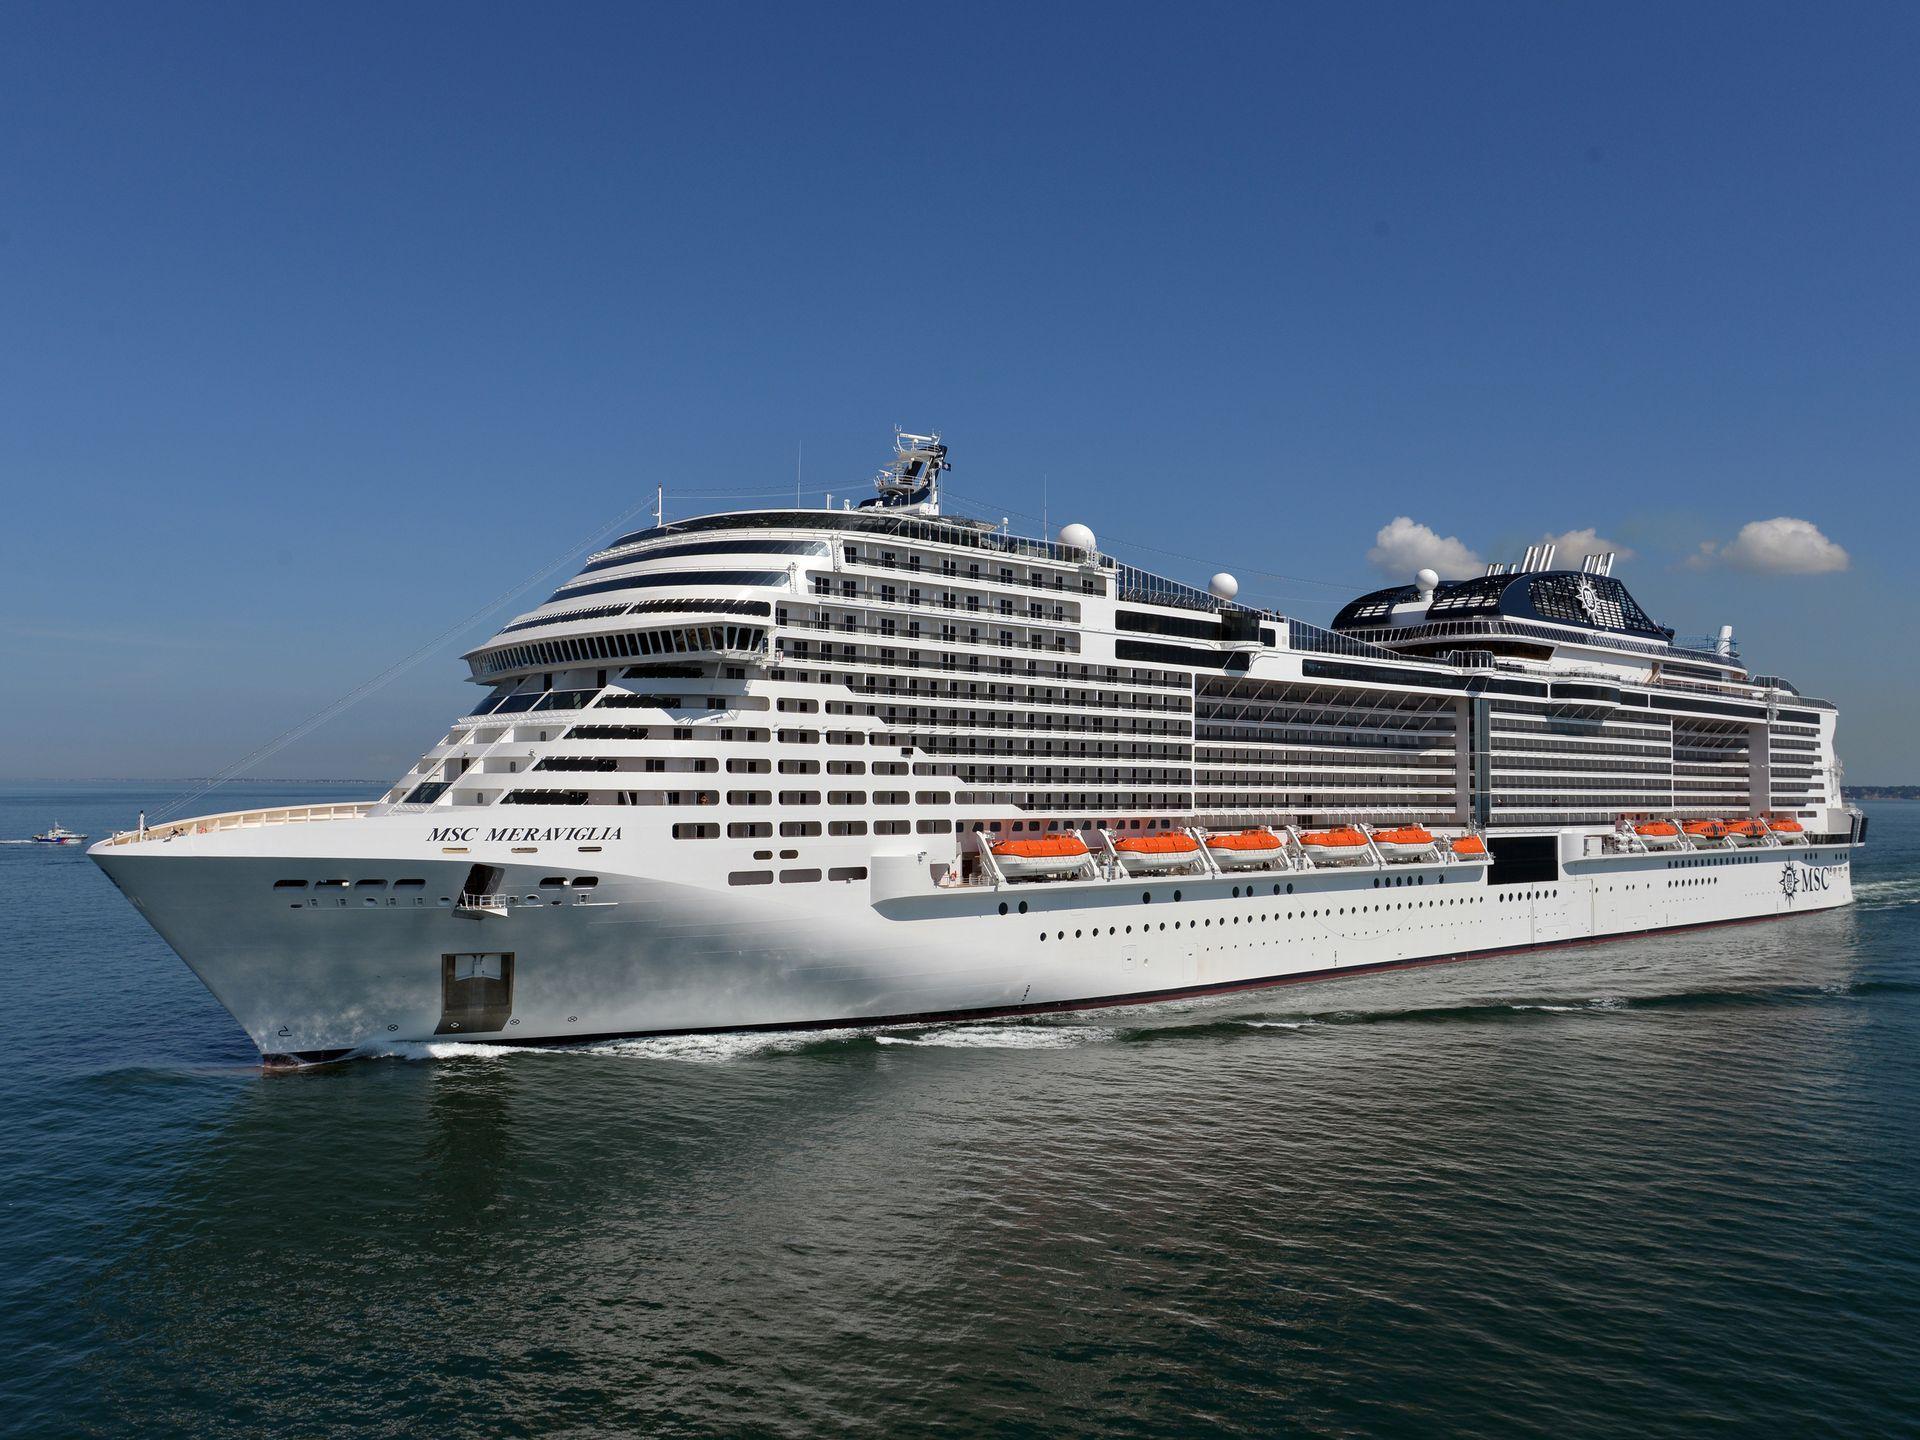 World S Largest Cruise Ship Msc Meraviglia El Nuevo Buque De Msc Cruises Va De Barcos